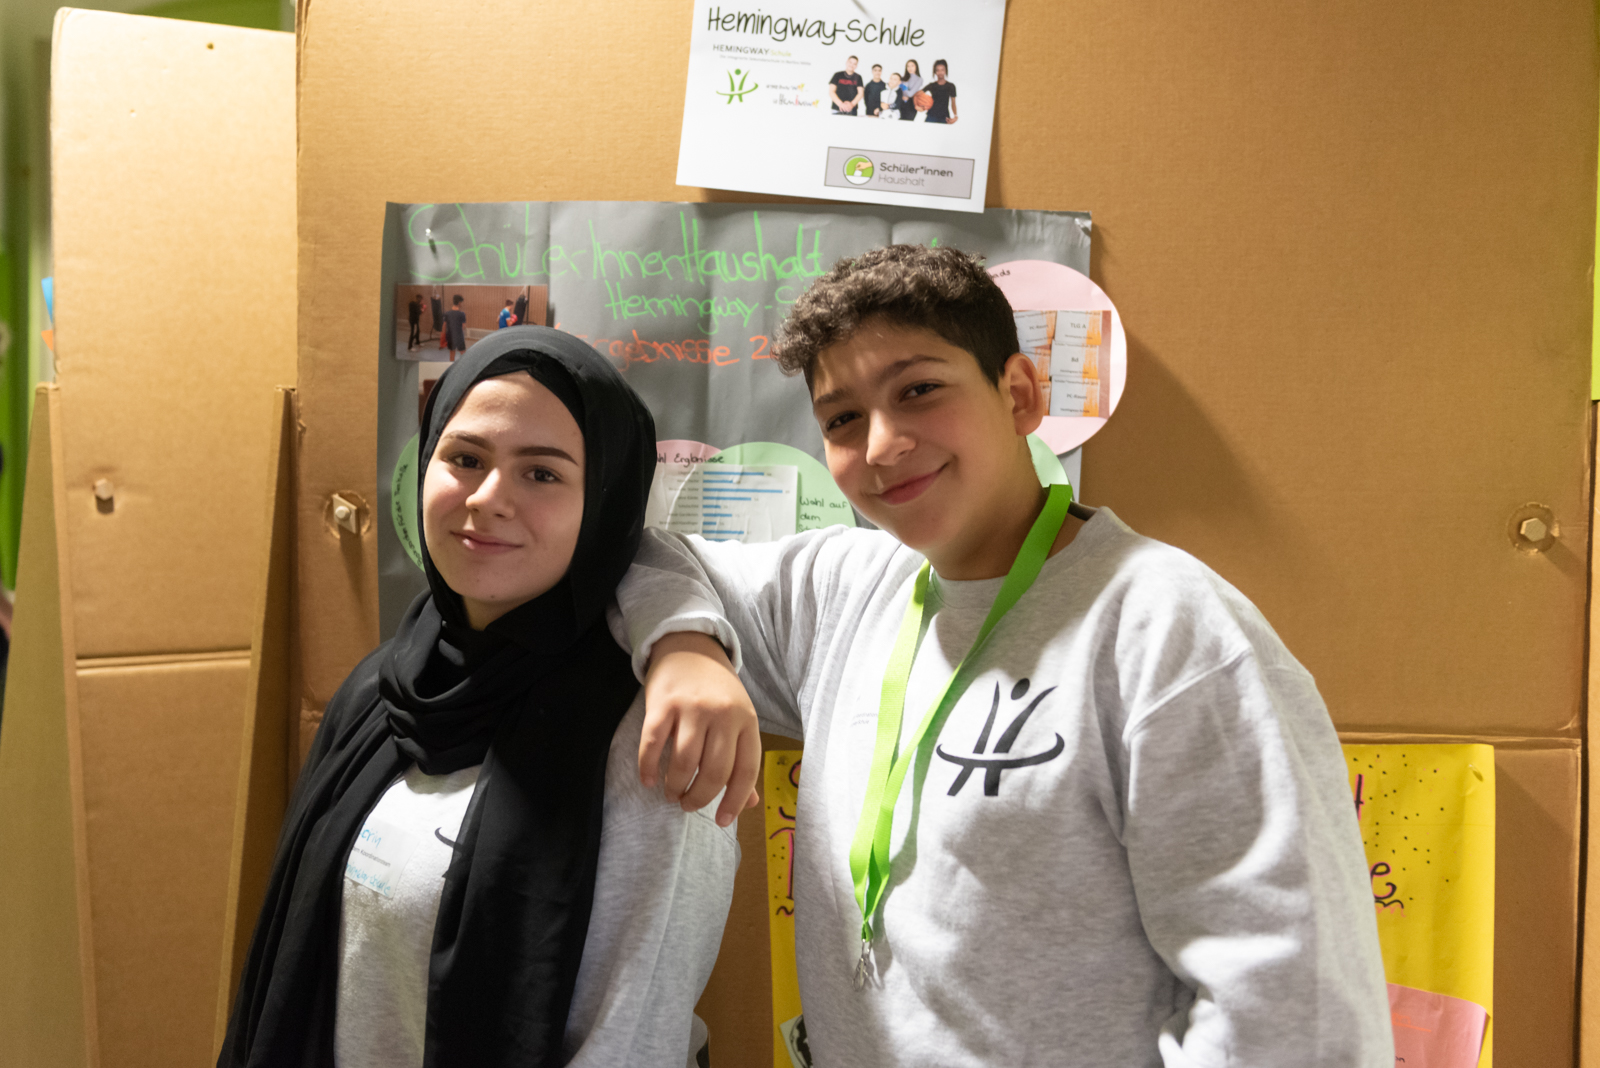 Zwei junge Menschen stehen vor einer Stellwand. An der Stellwand hängt ein Plakat. Die beiden jungen Menschen lächeln in die Kamera.